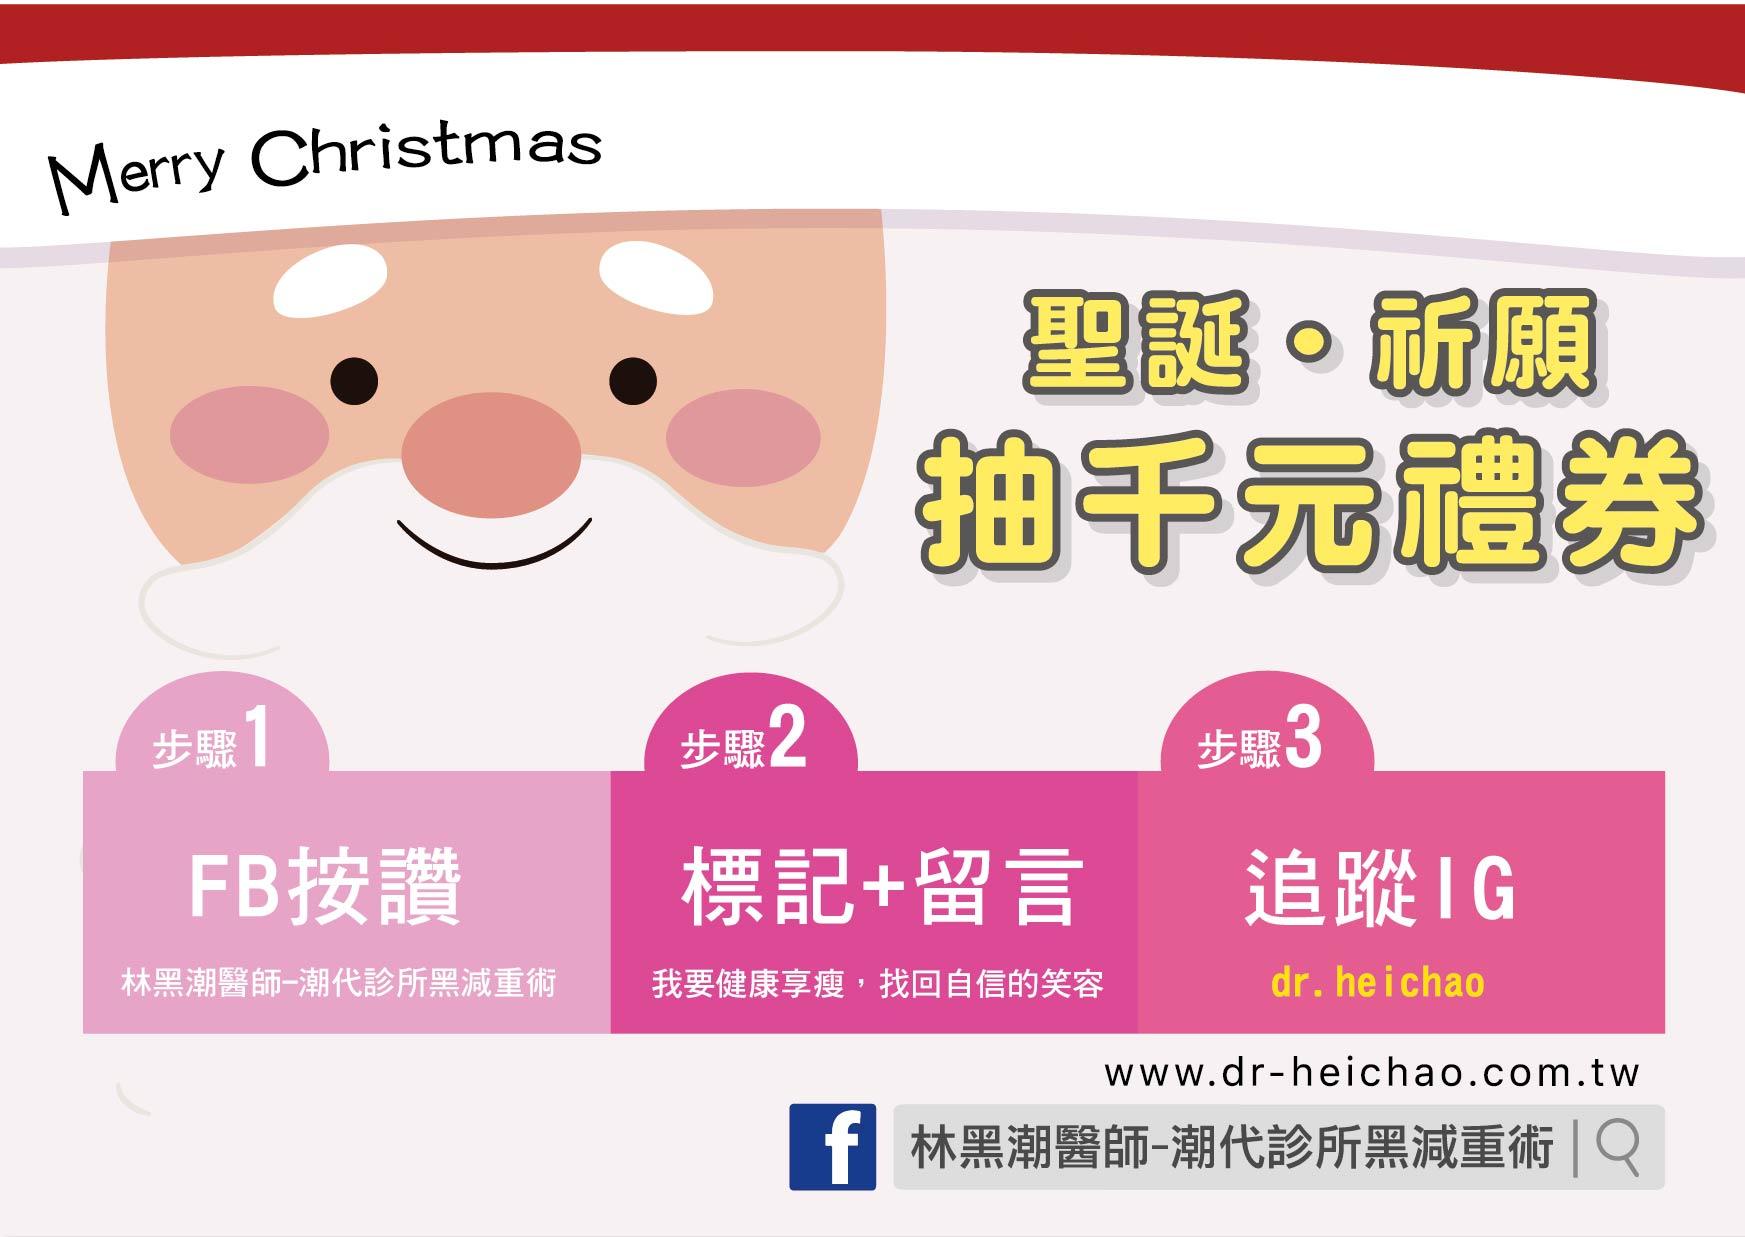 聖誕節抽獎活動